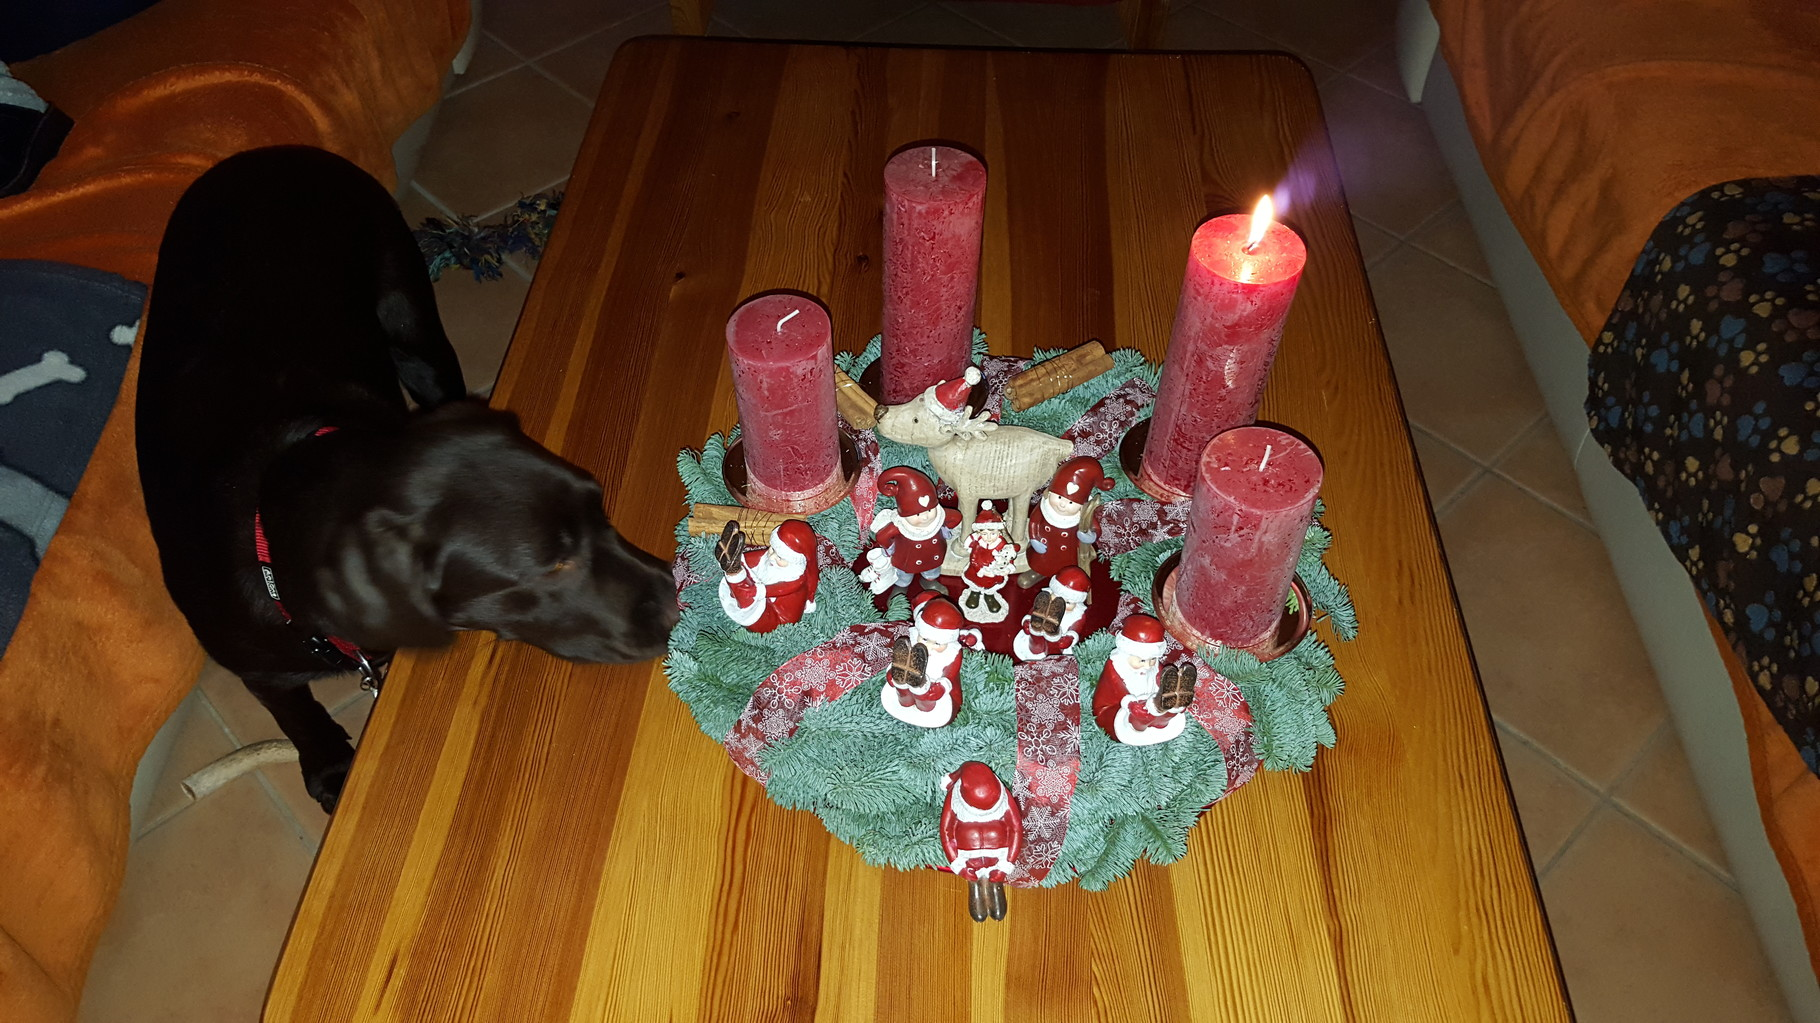 Meine erste Adventszeit...den Adventskranz hat meine Mama aber toll geschmückt. Nur schade, dass ich mir die Figürchen nicht nehmen darf.